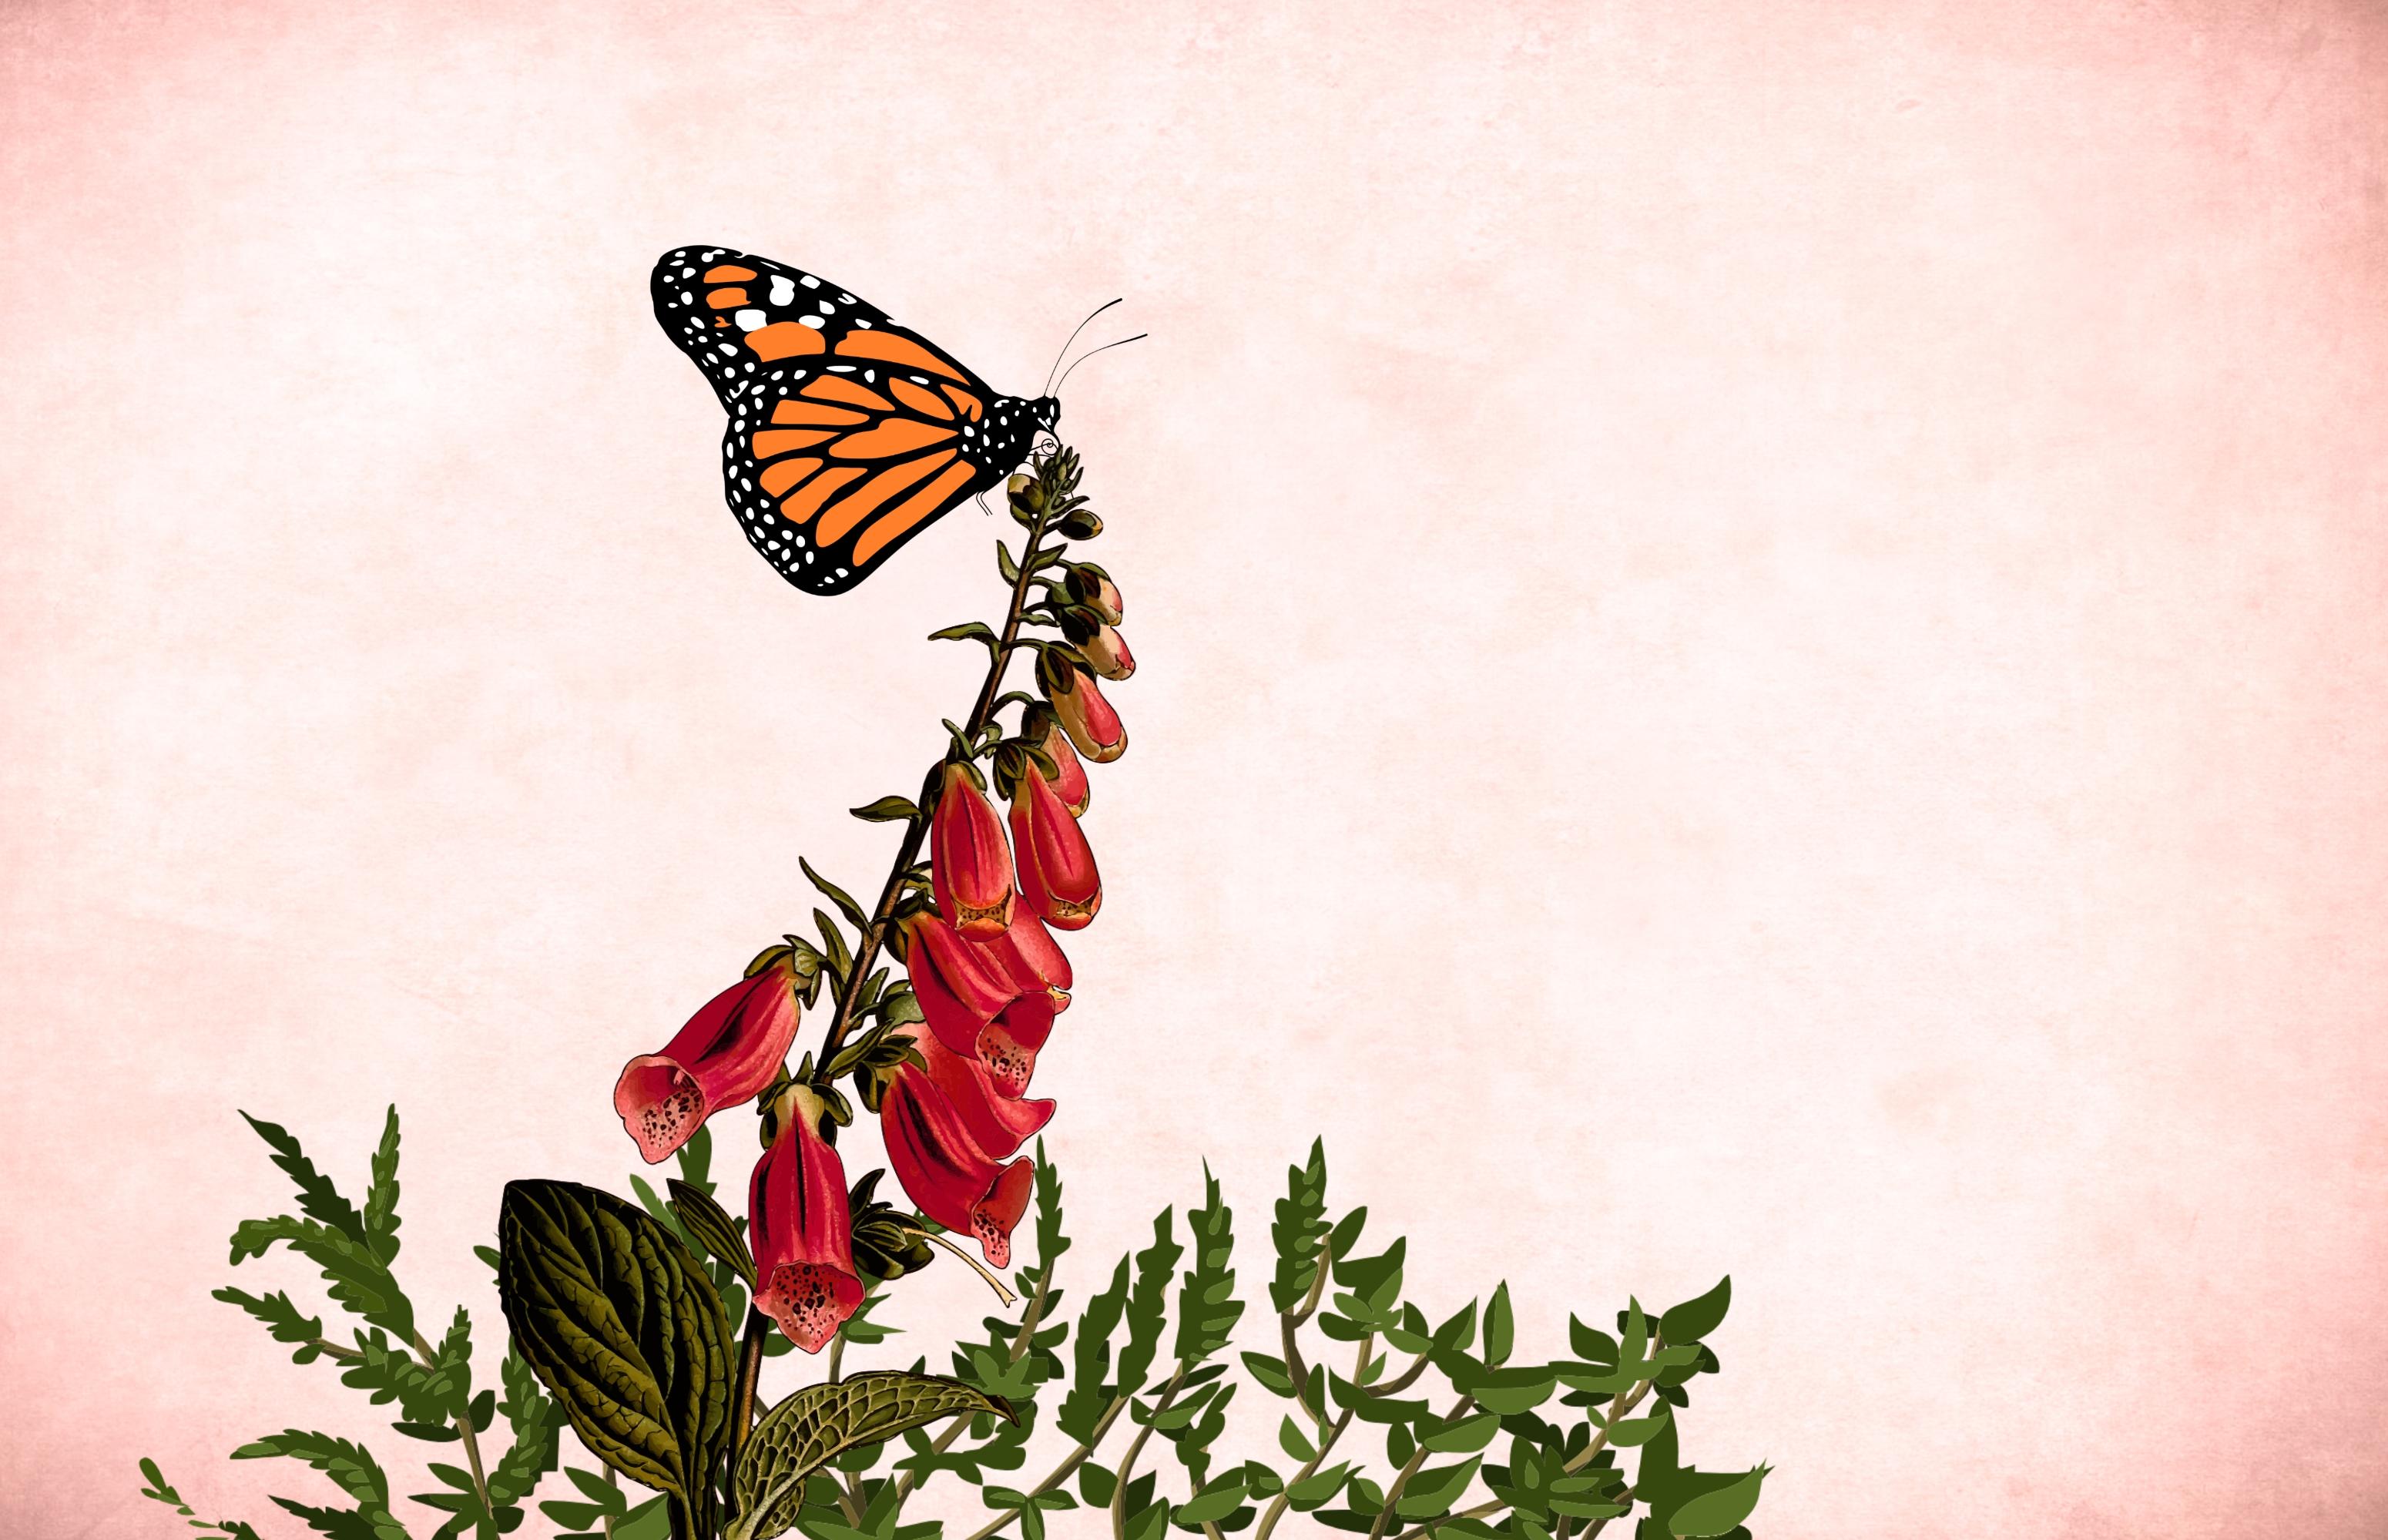 Fotograf Arka Fon Garden Frame Bagbozumu Kart Sanat Dugun